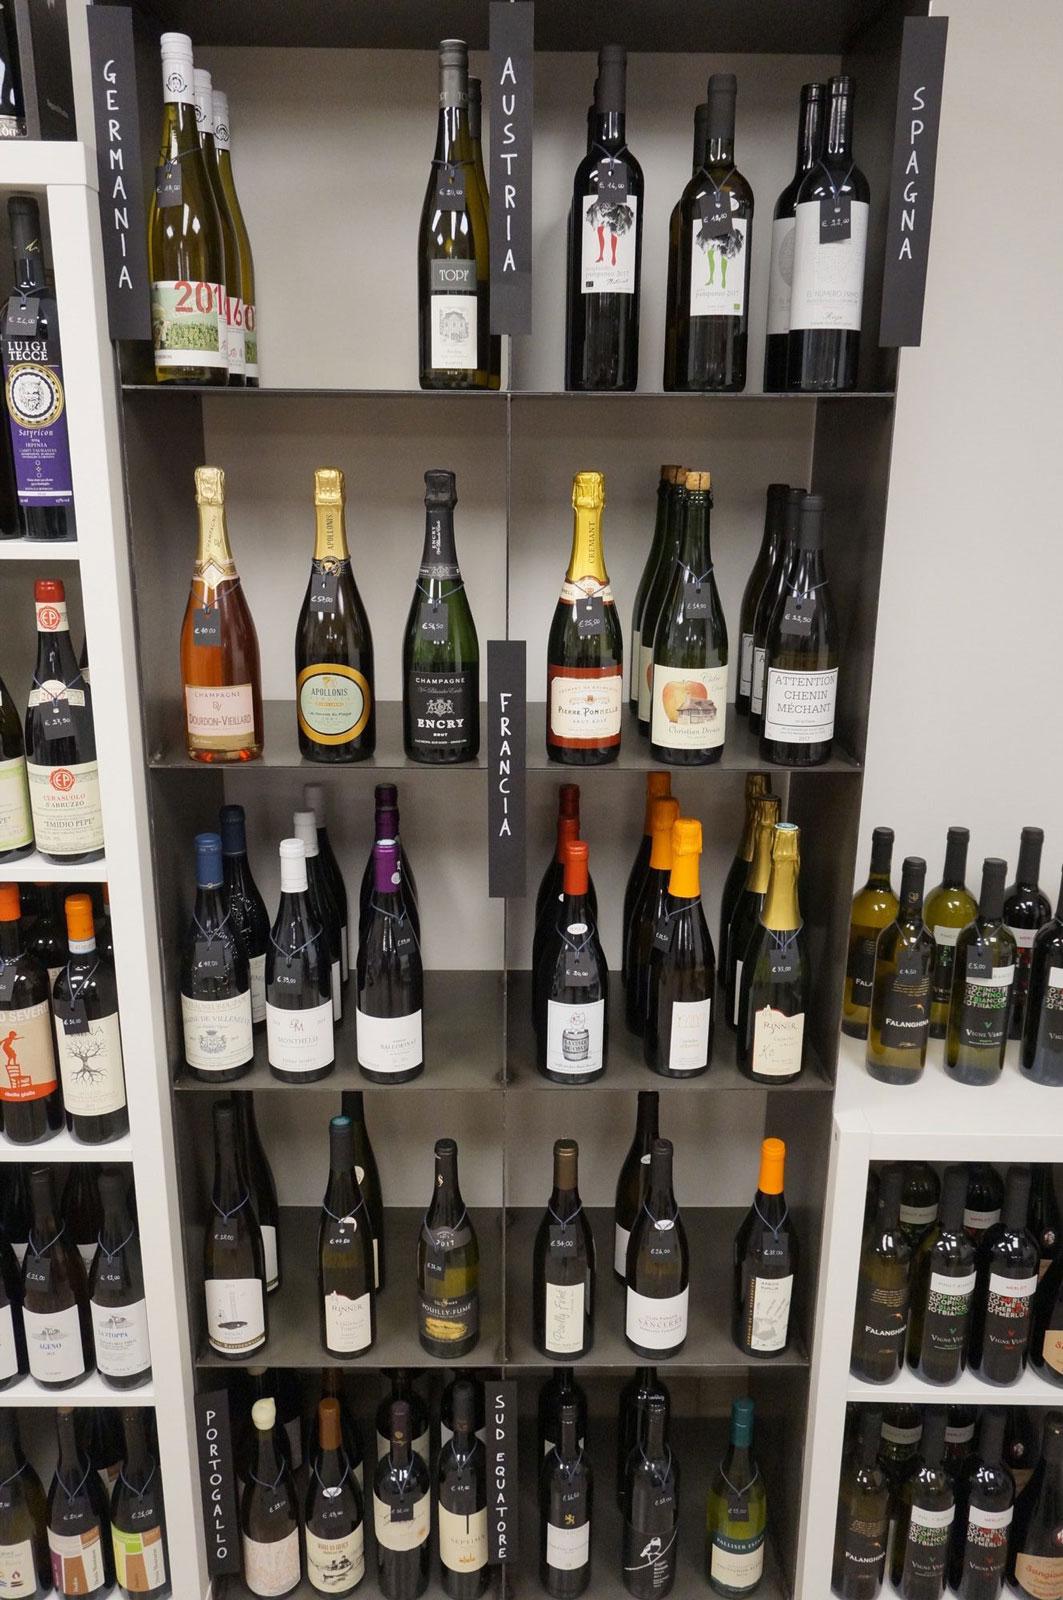 Enoteca di vini dalla Francia, spagna e austria Botrytis